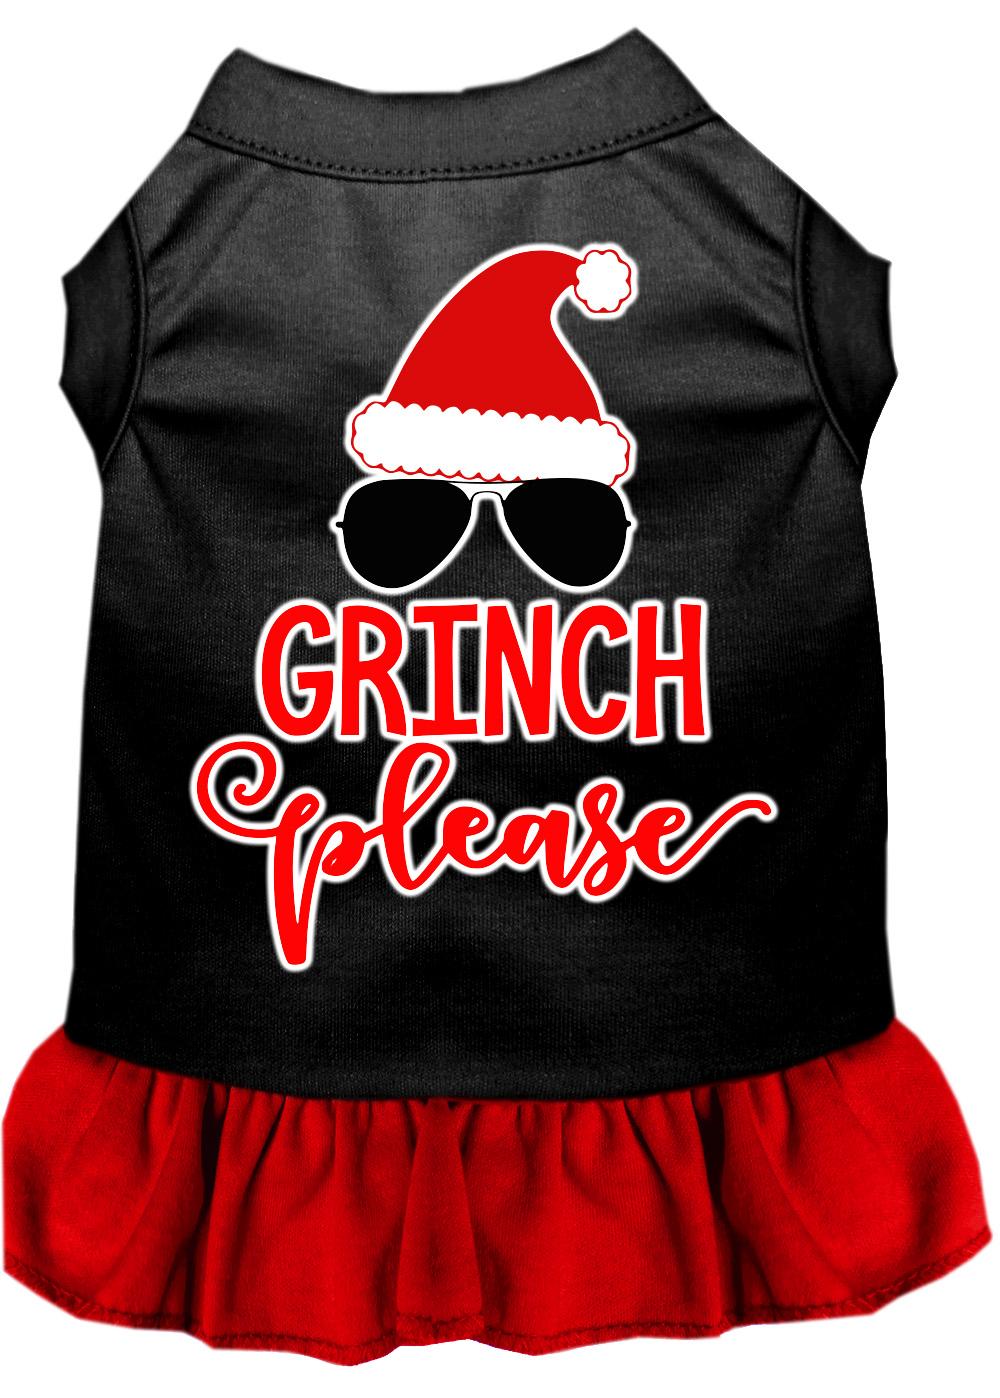 Grinch please screen print dog dress black with red xxl 18 for Xxl 18 xxl 2012 black